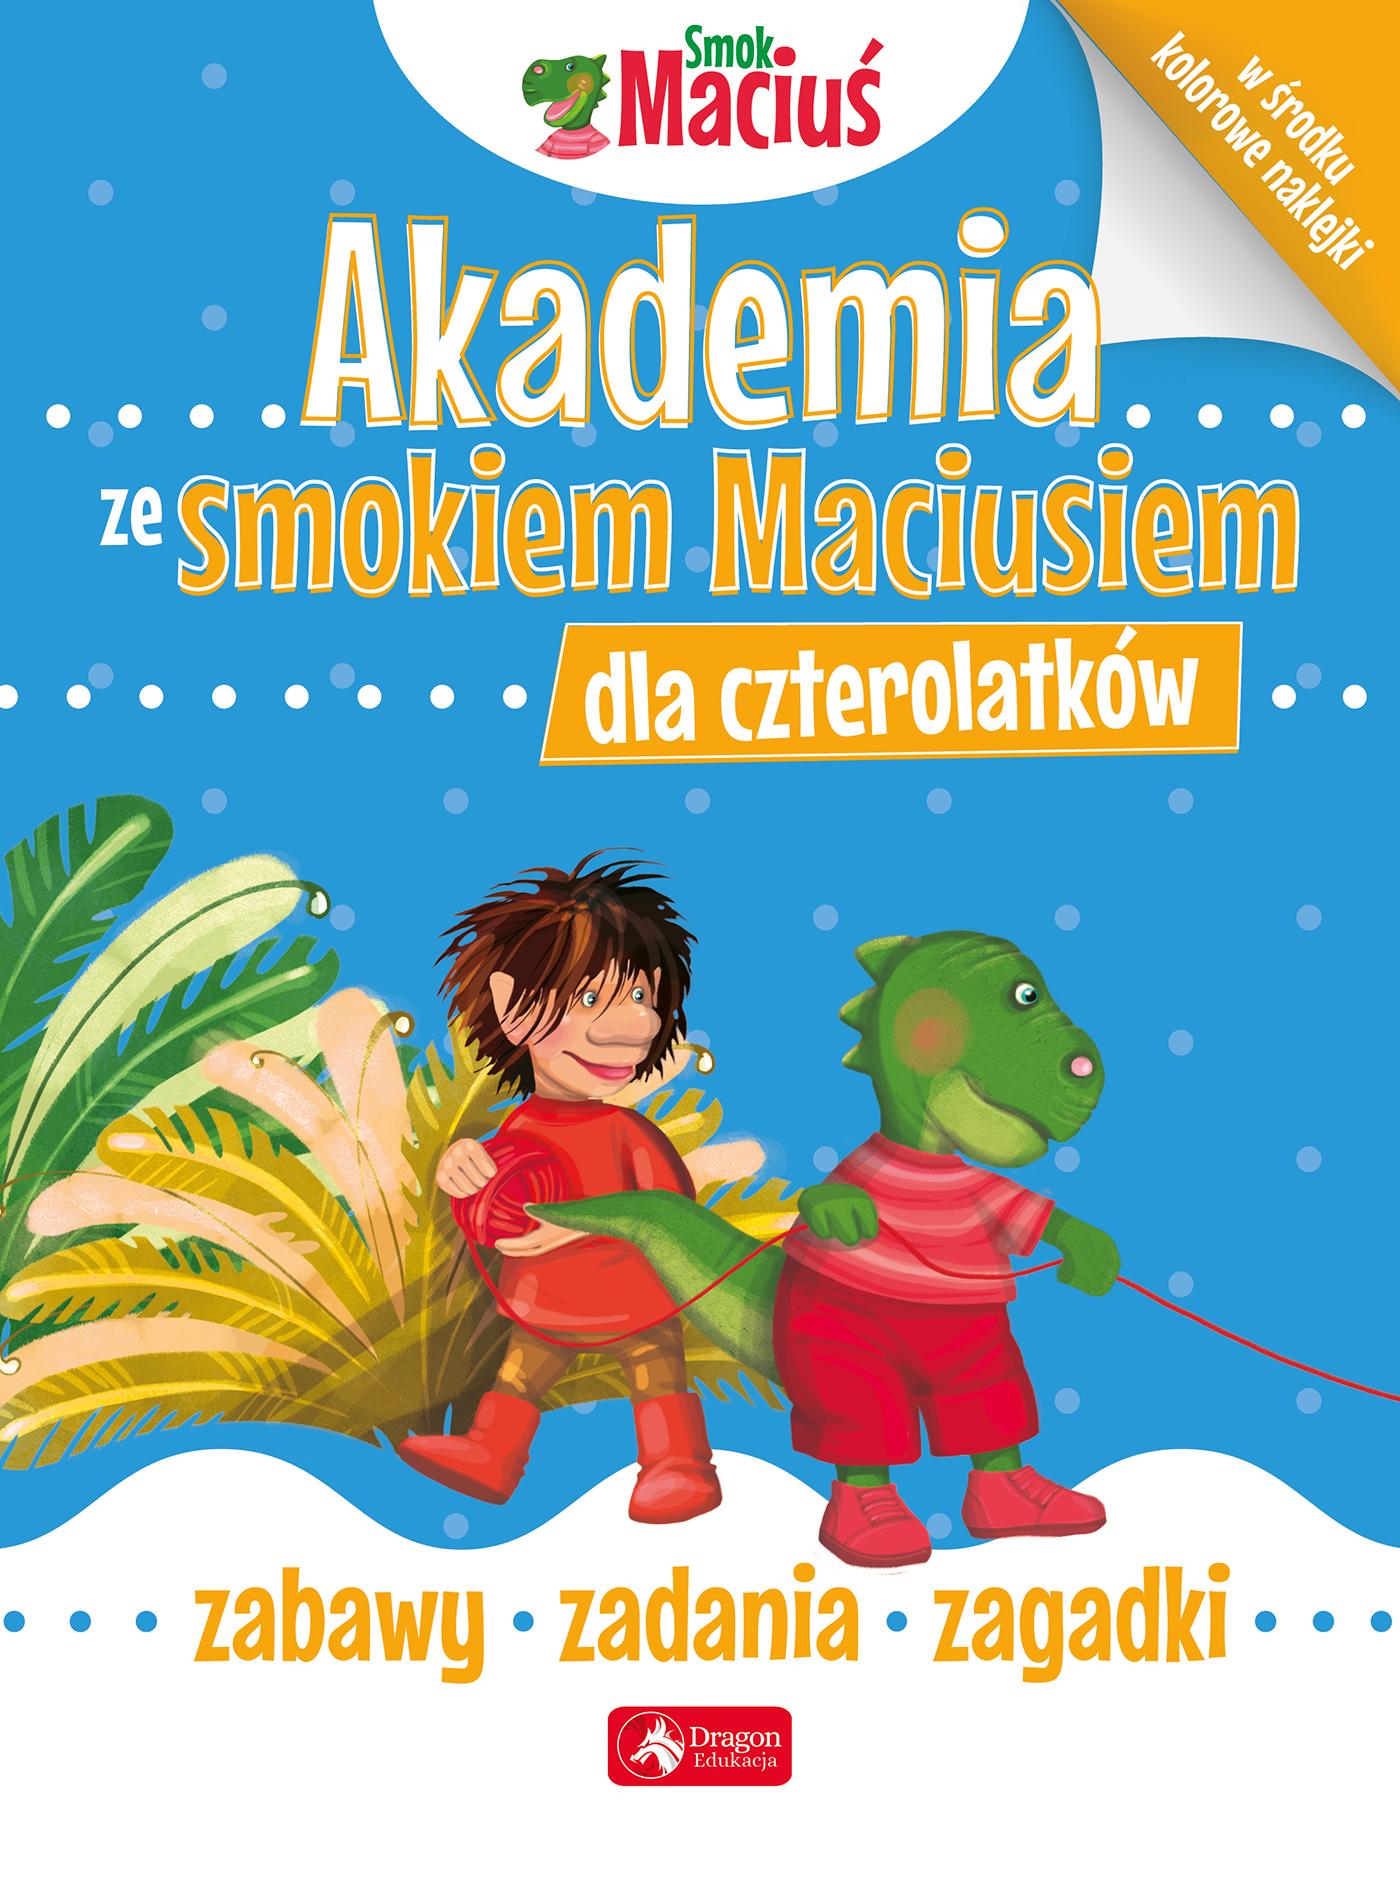 Akademia ze smokiem Maciusiem dla czterolatków